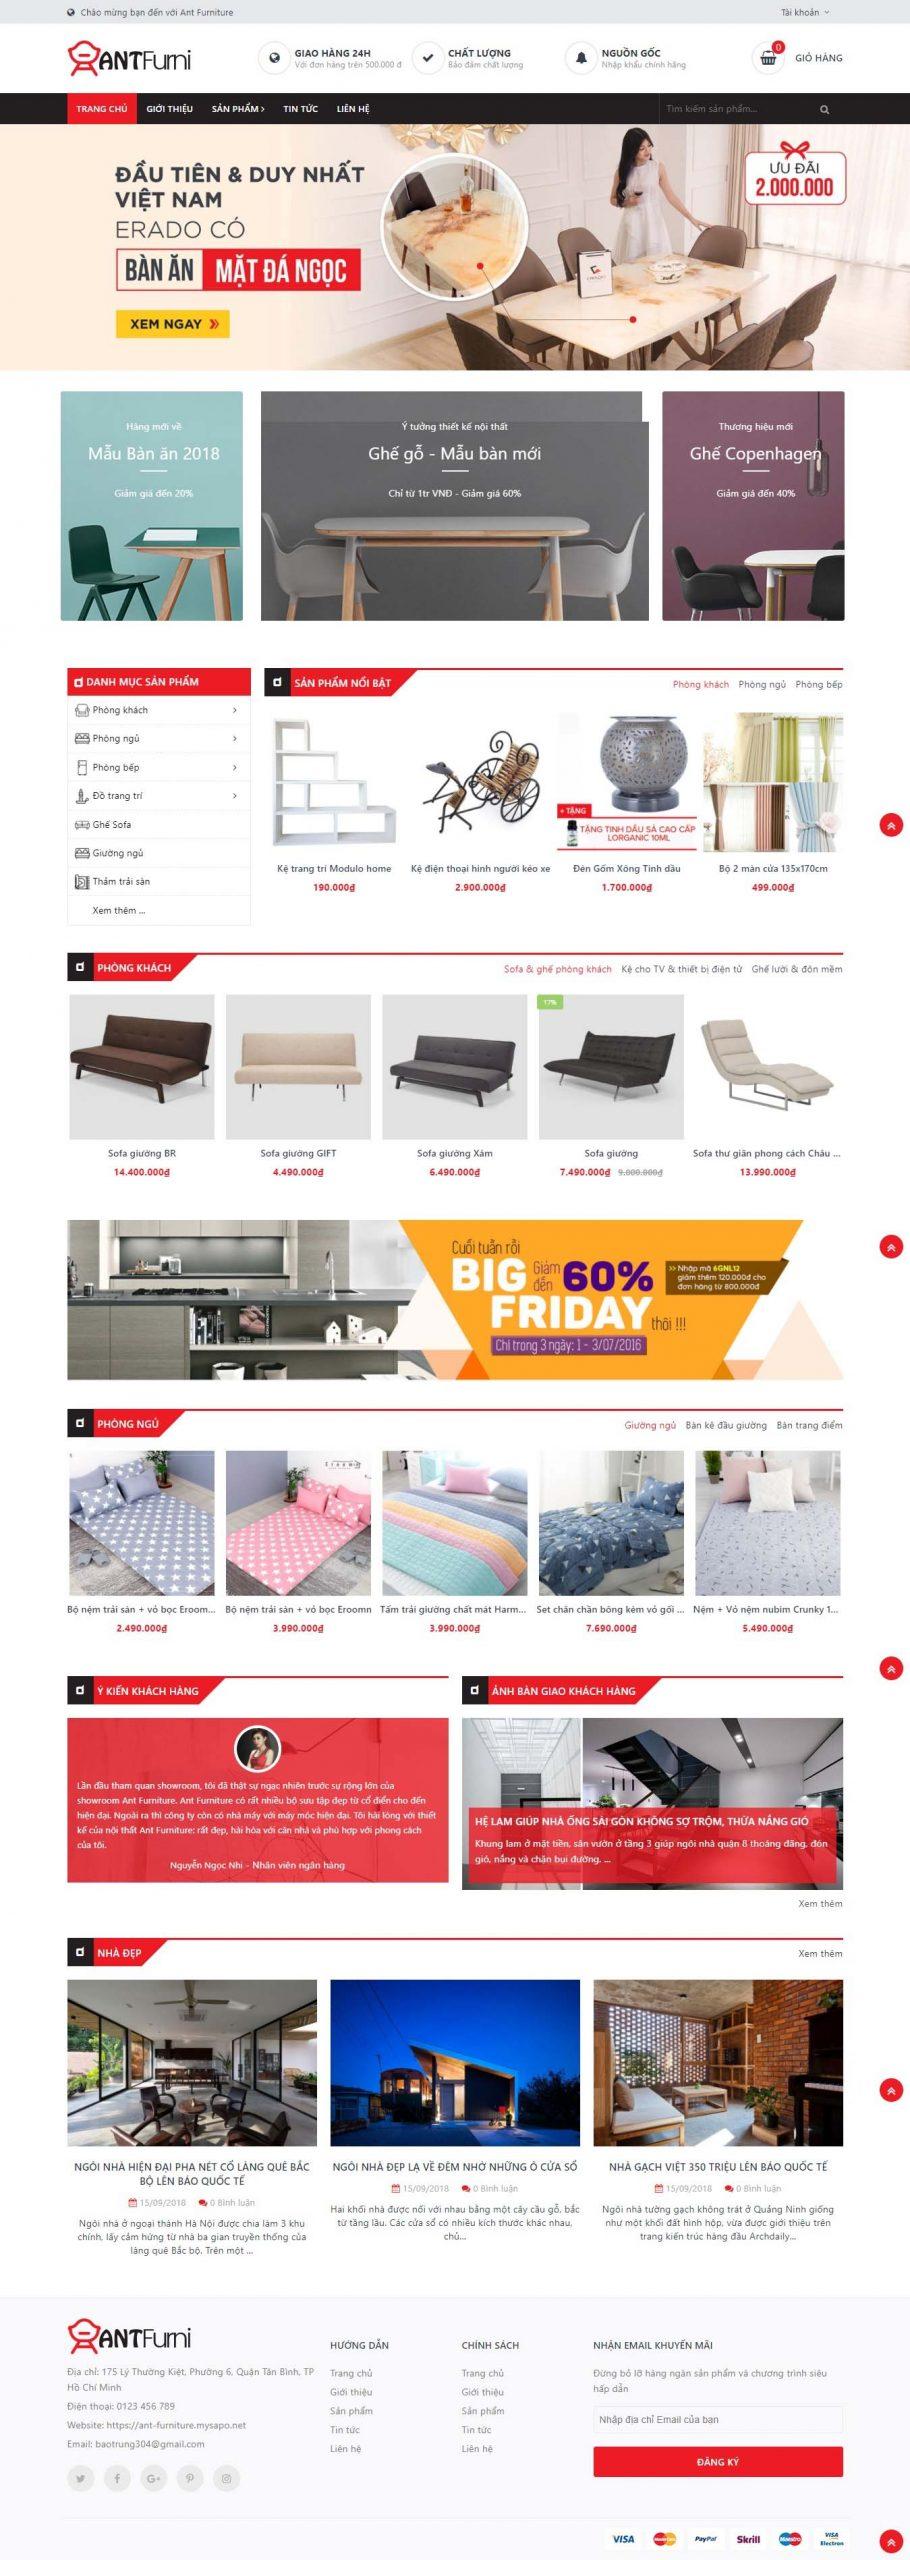 Mẫu giao diện website đồ gỗ nội thất